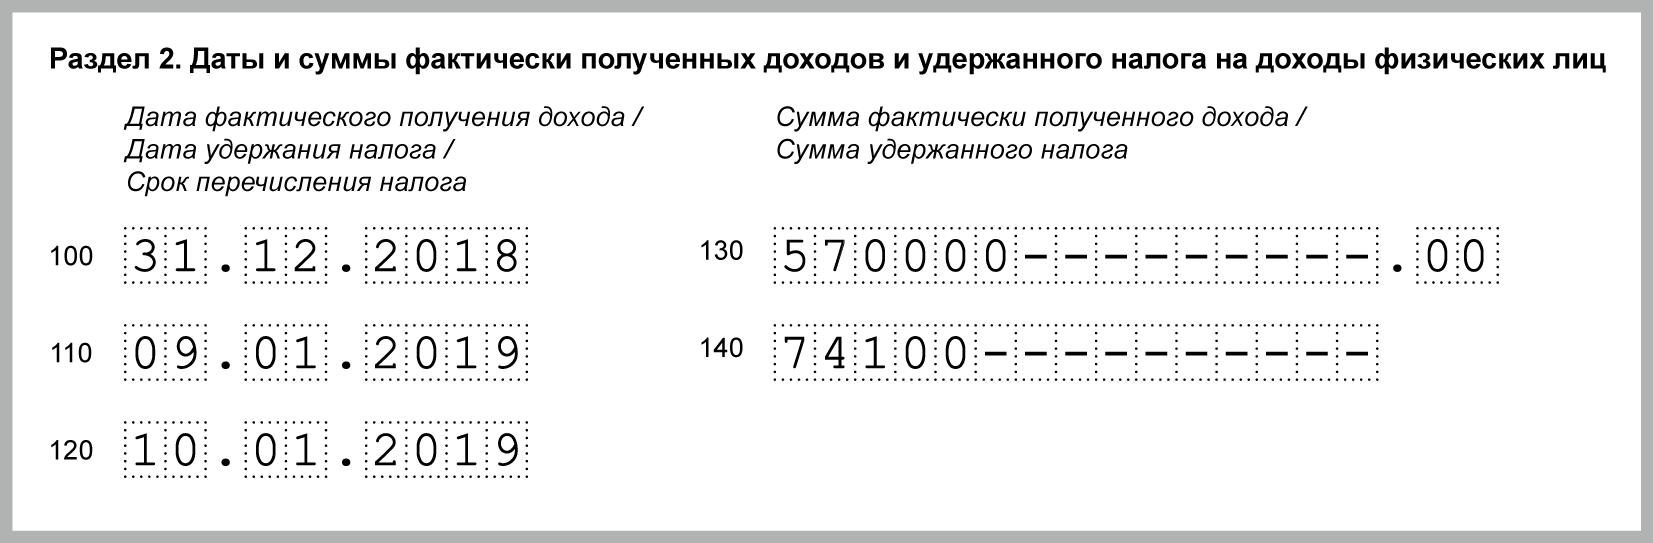 Зарплата за декабрь выплачена в январе 2019 года: отражение в 6-НДФЛ || Зарплата за декабрь выплачена в январе 2018 6-НДФЛ